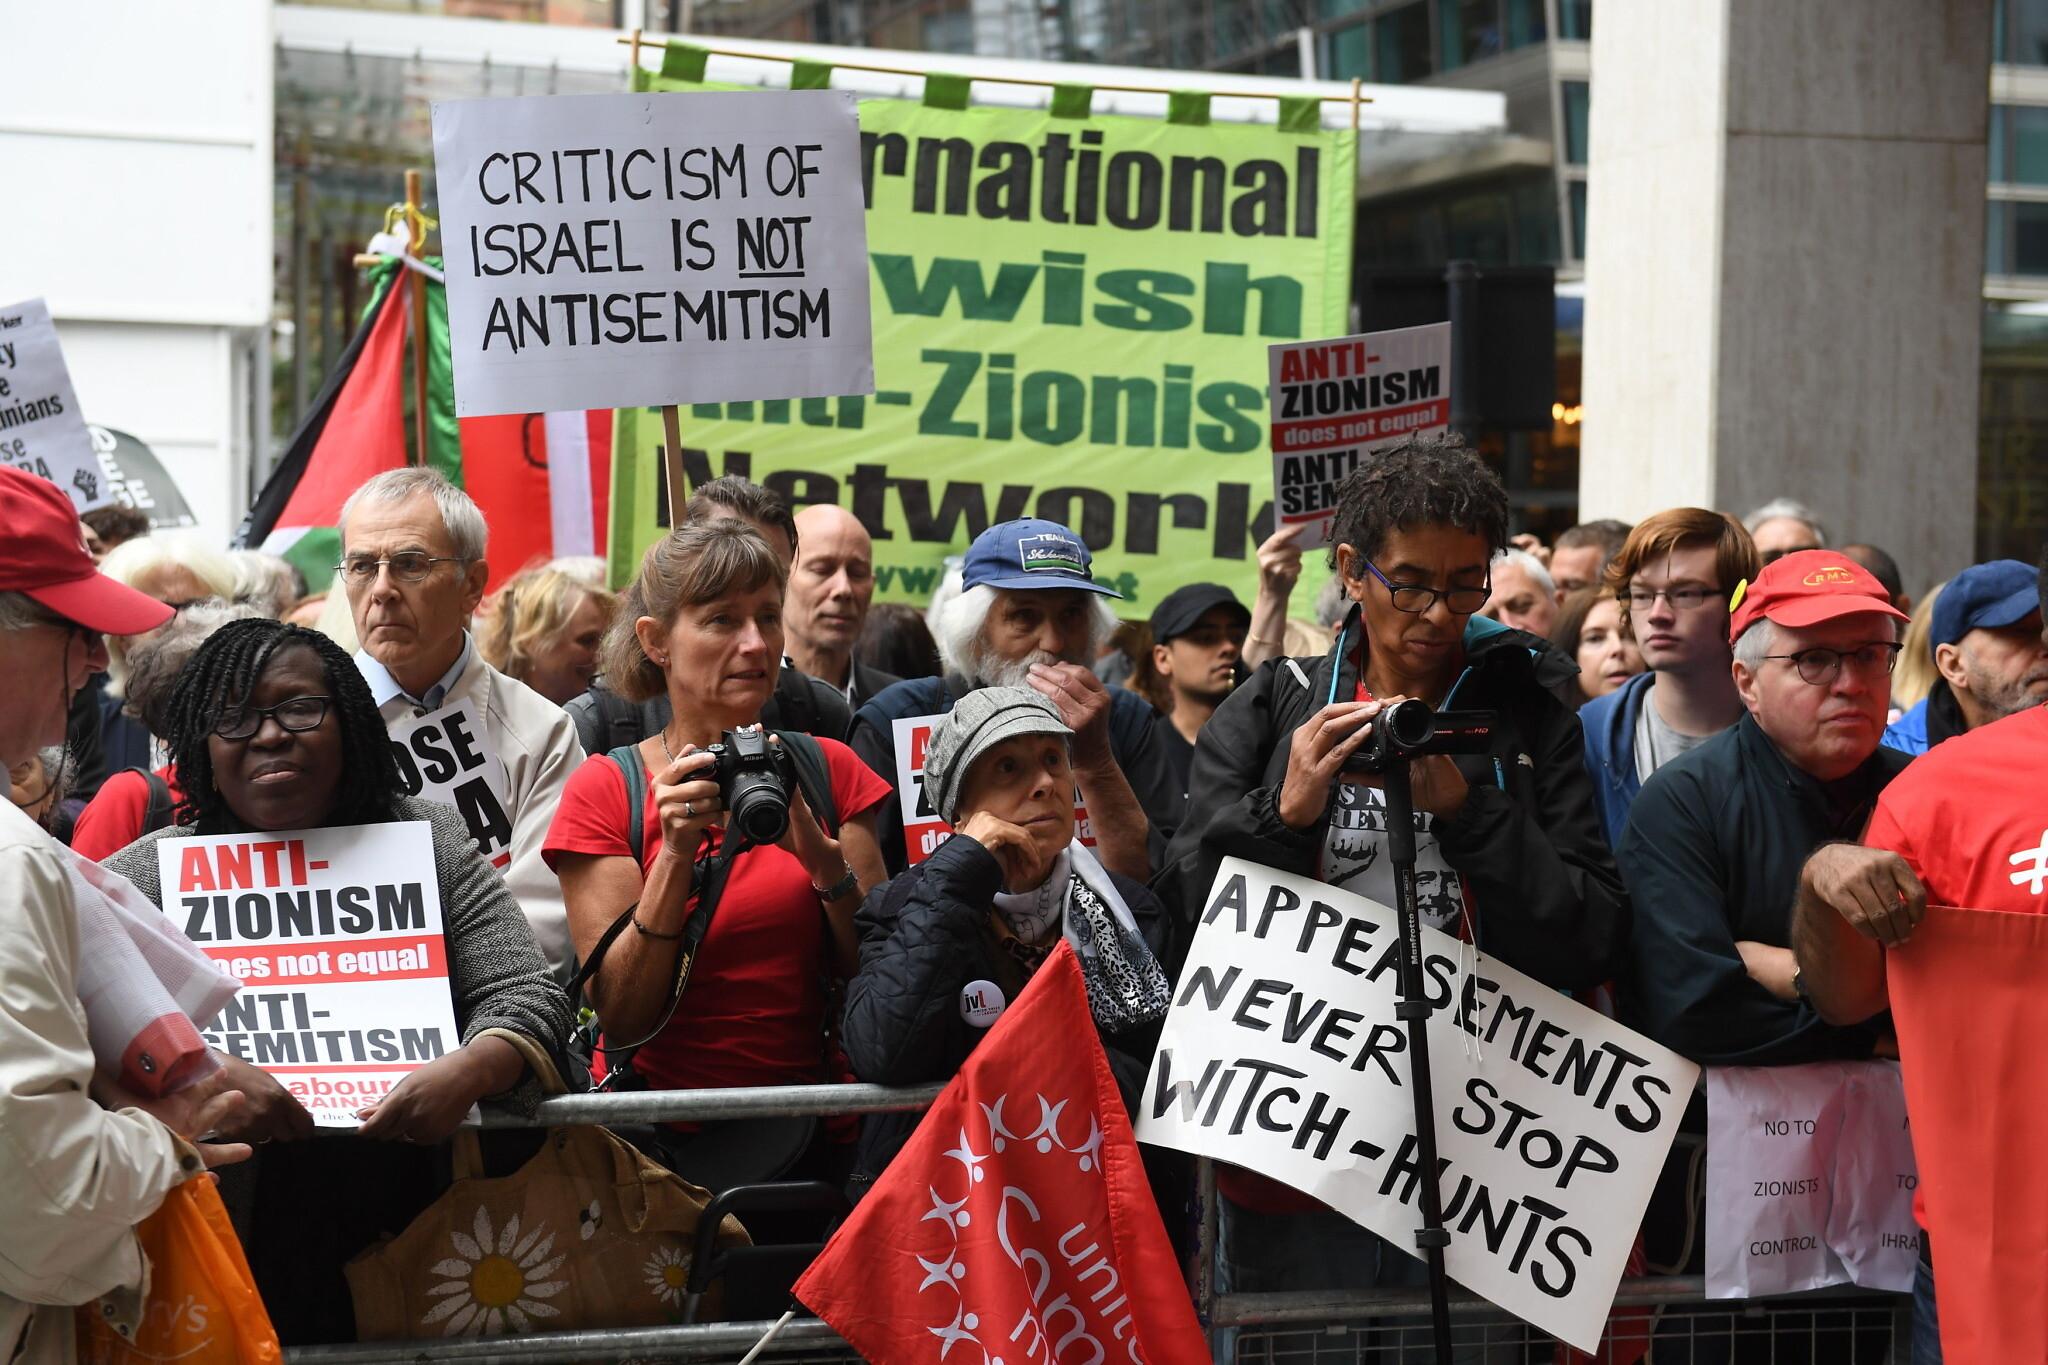 Amerikai liberális zsidók átdolgozták az antiszemitizmus definíciót, hogy abba több Izrael kritika is beleférjen